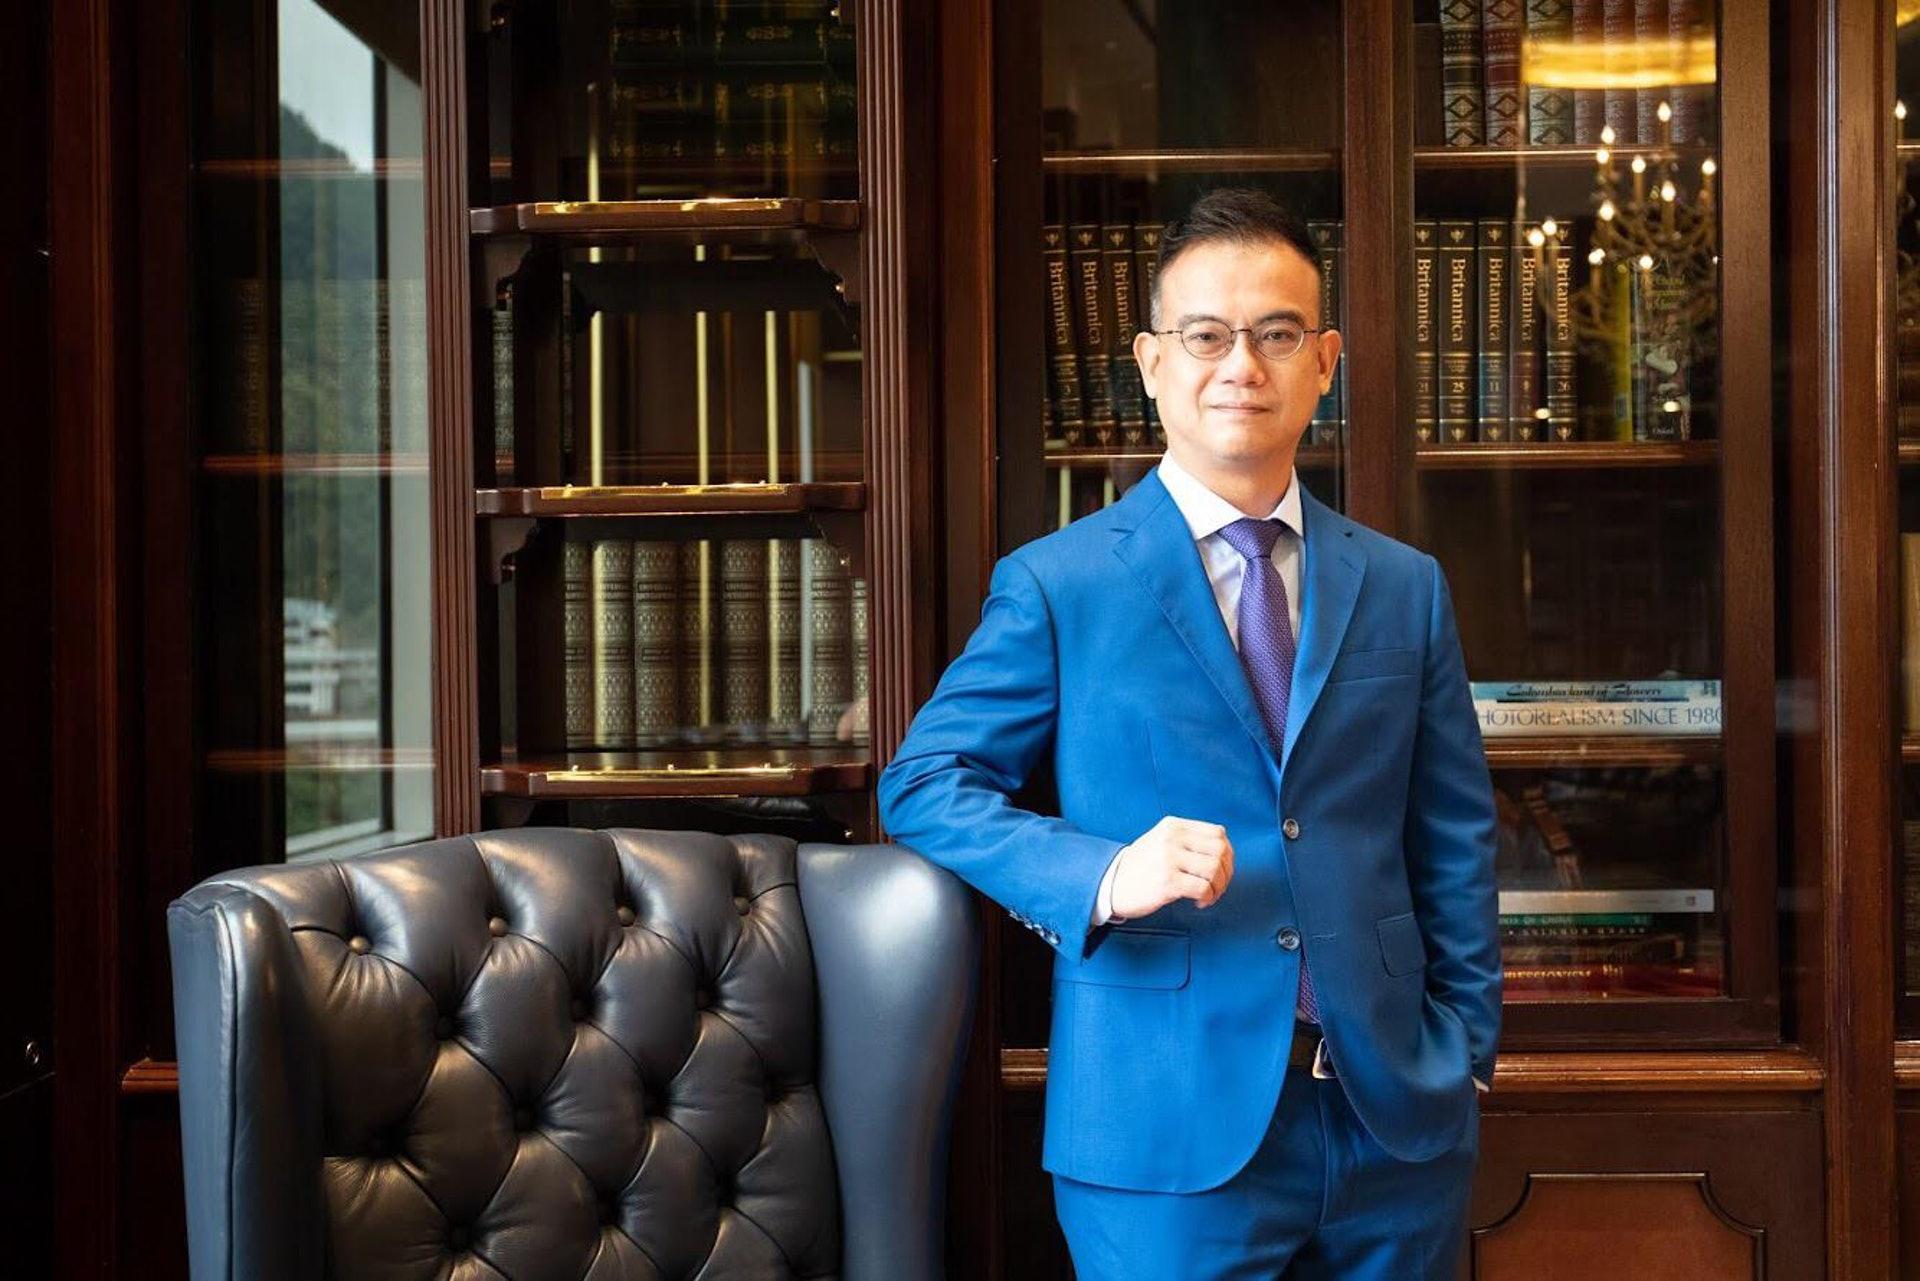 星之谷按揭行政總裁莊錦輝稱,未償還的本金在未來的還款期以複利利息計算,要留意實際利息支出。